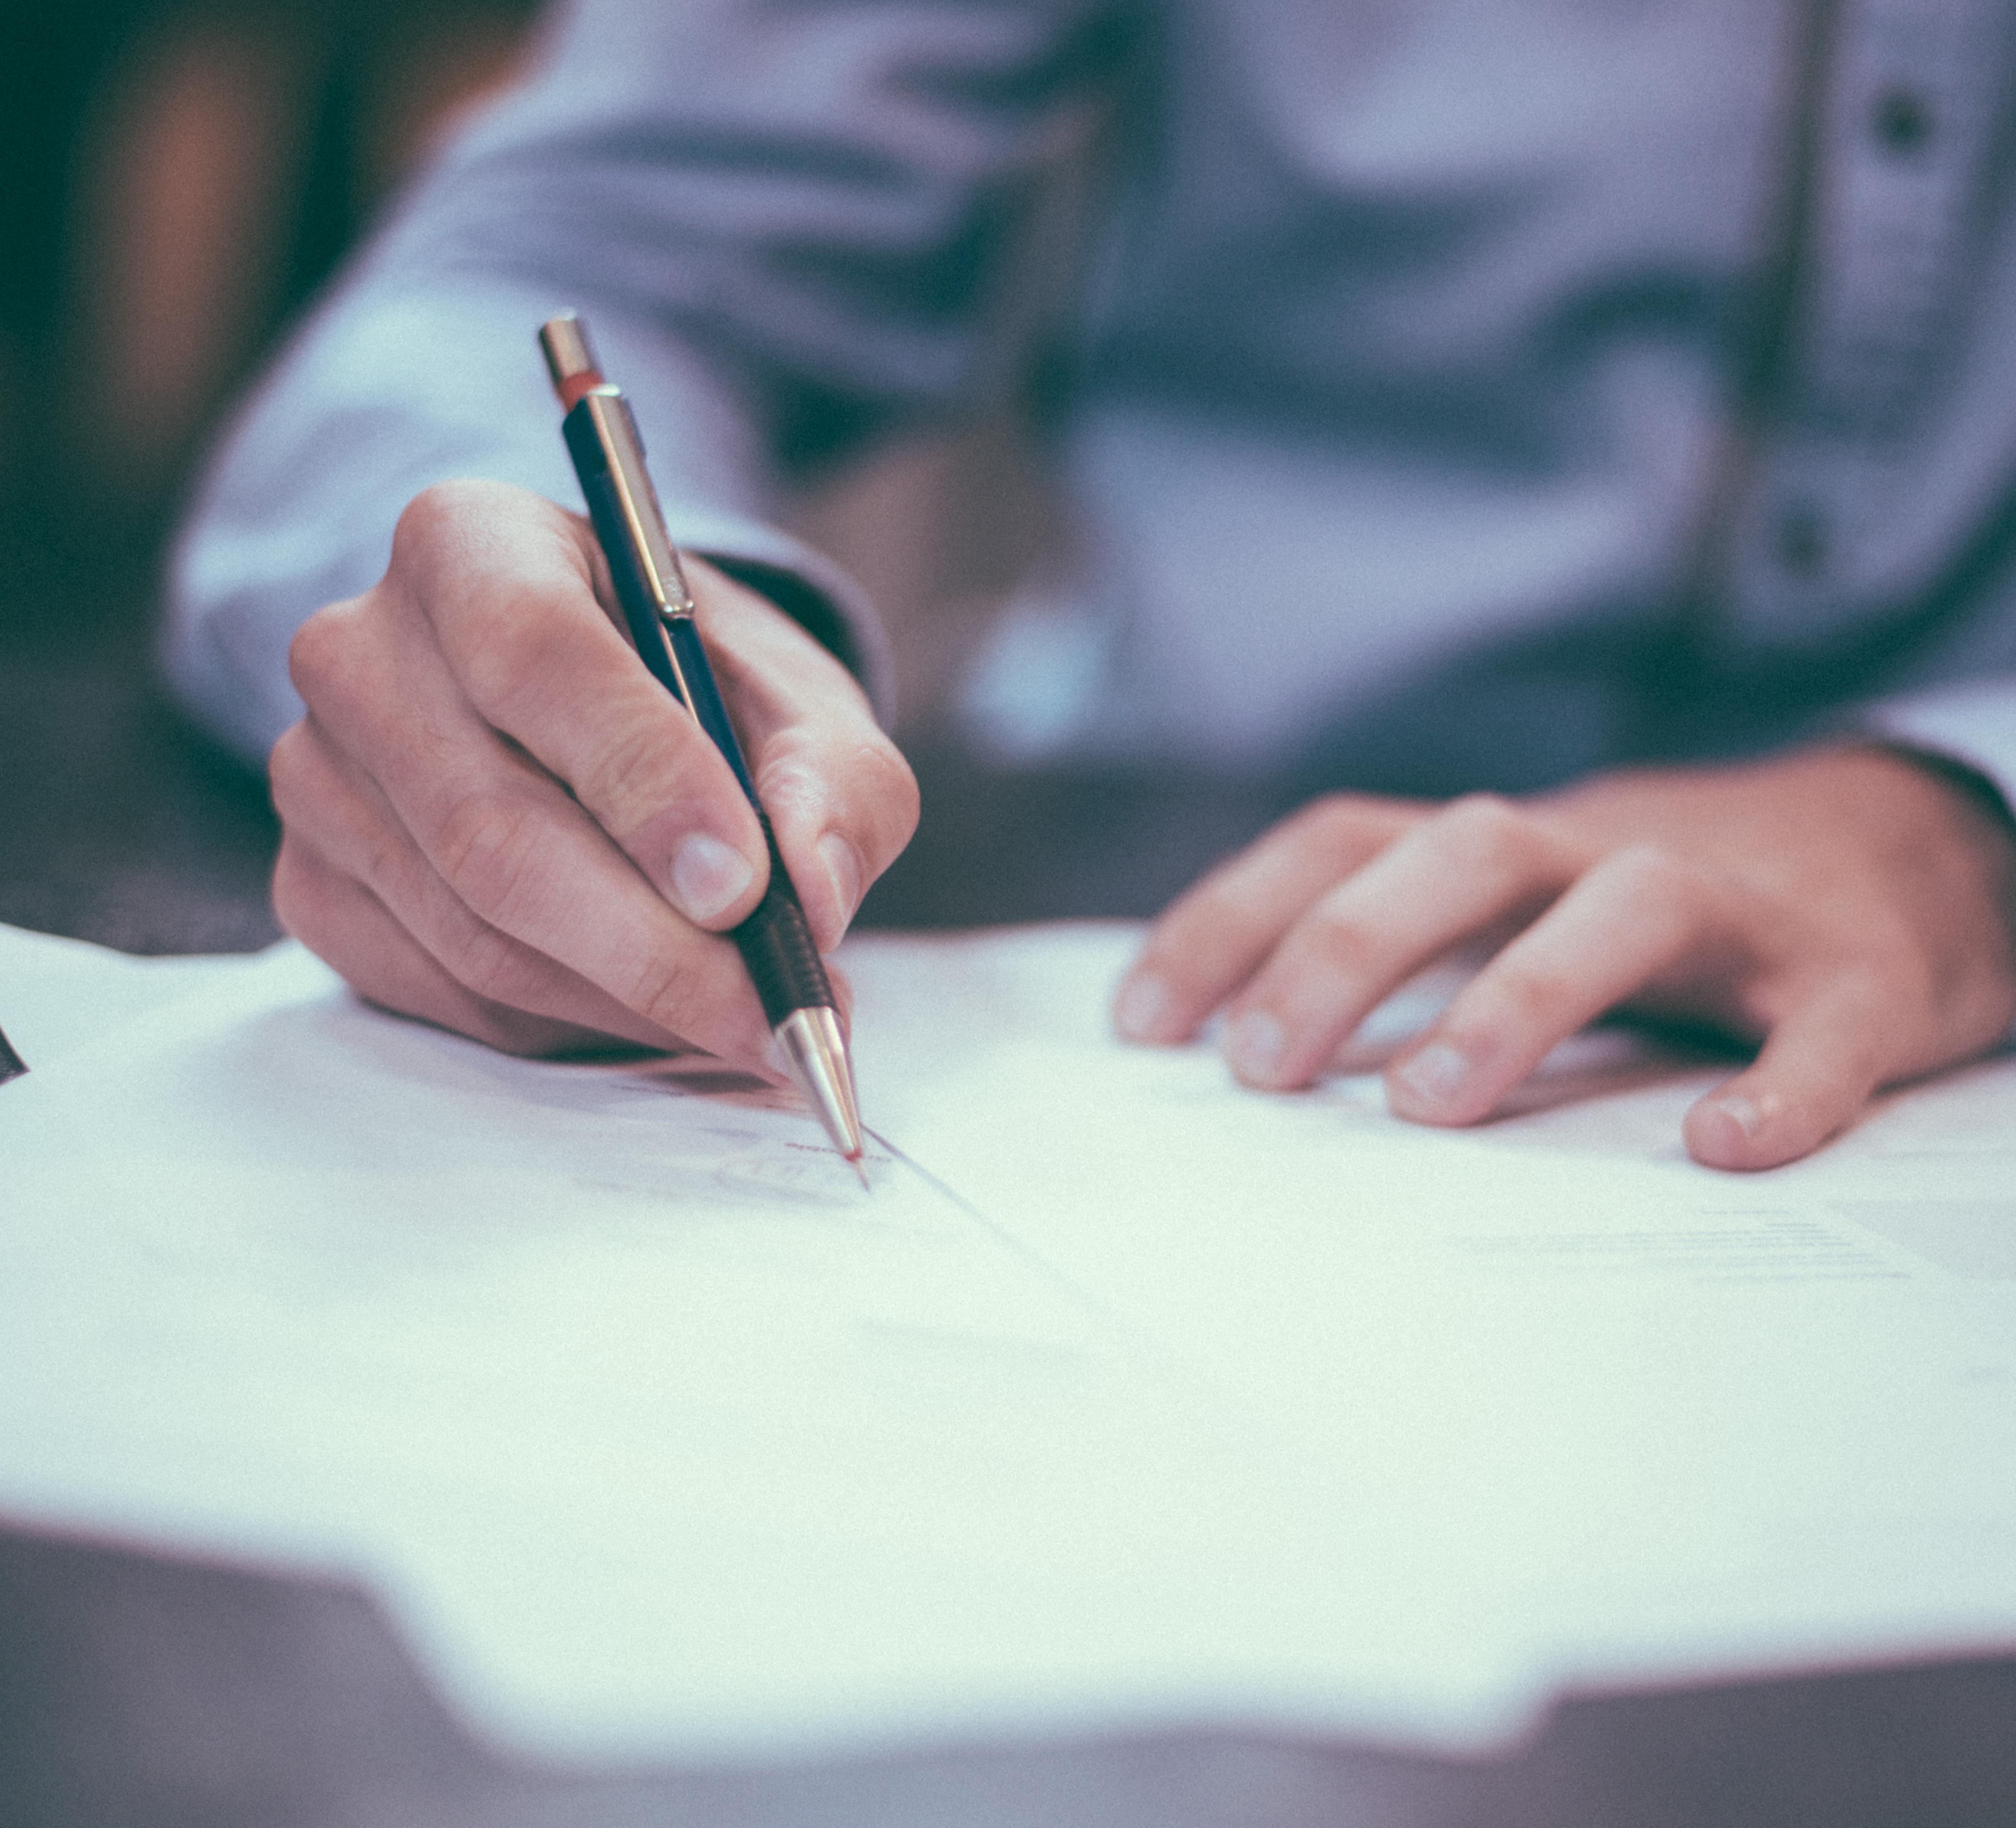 Hipotecas impuesto ajd Aclaramos el lío del impuesto hipotecario